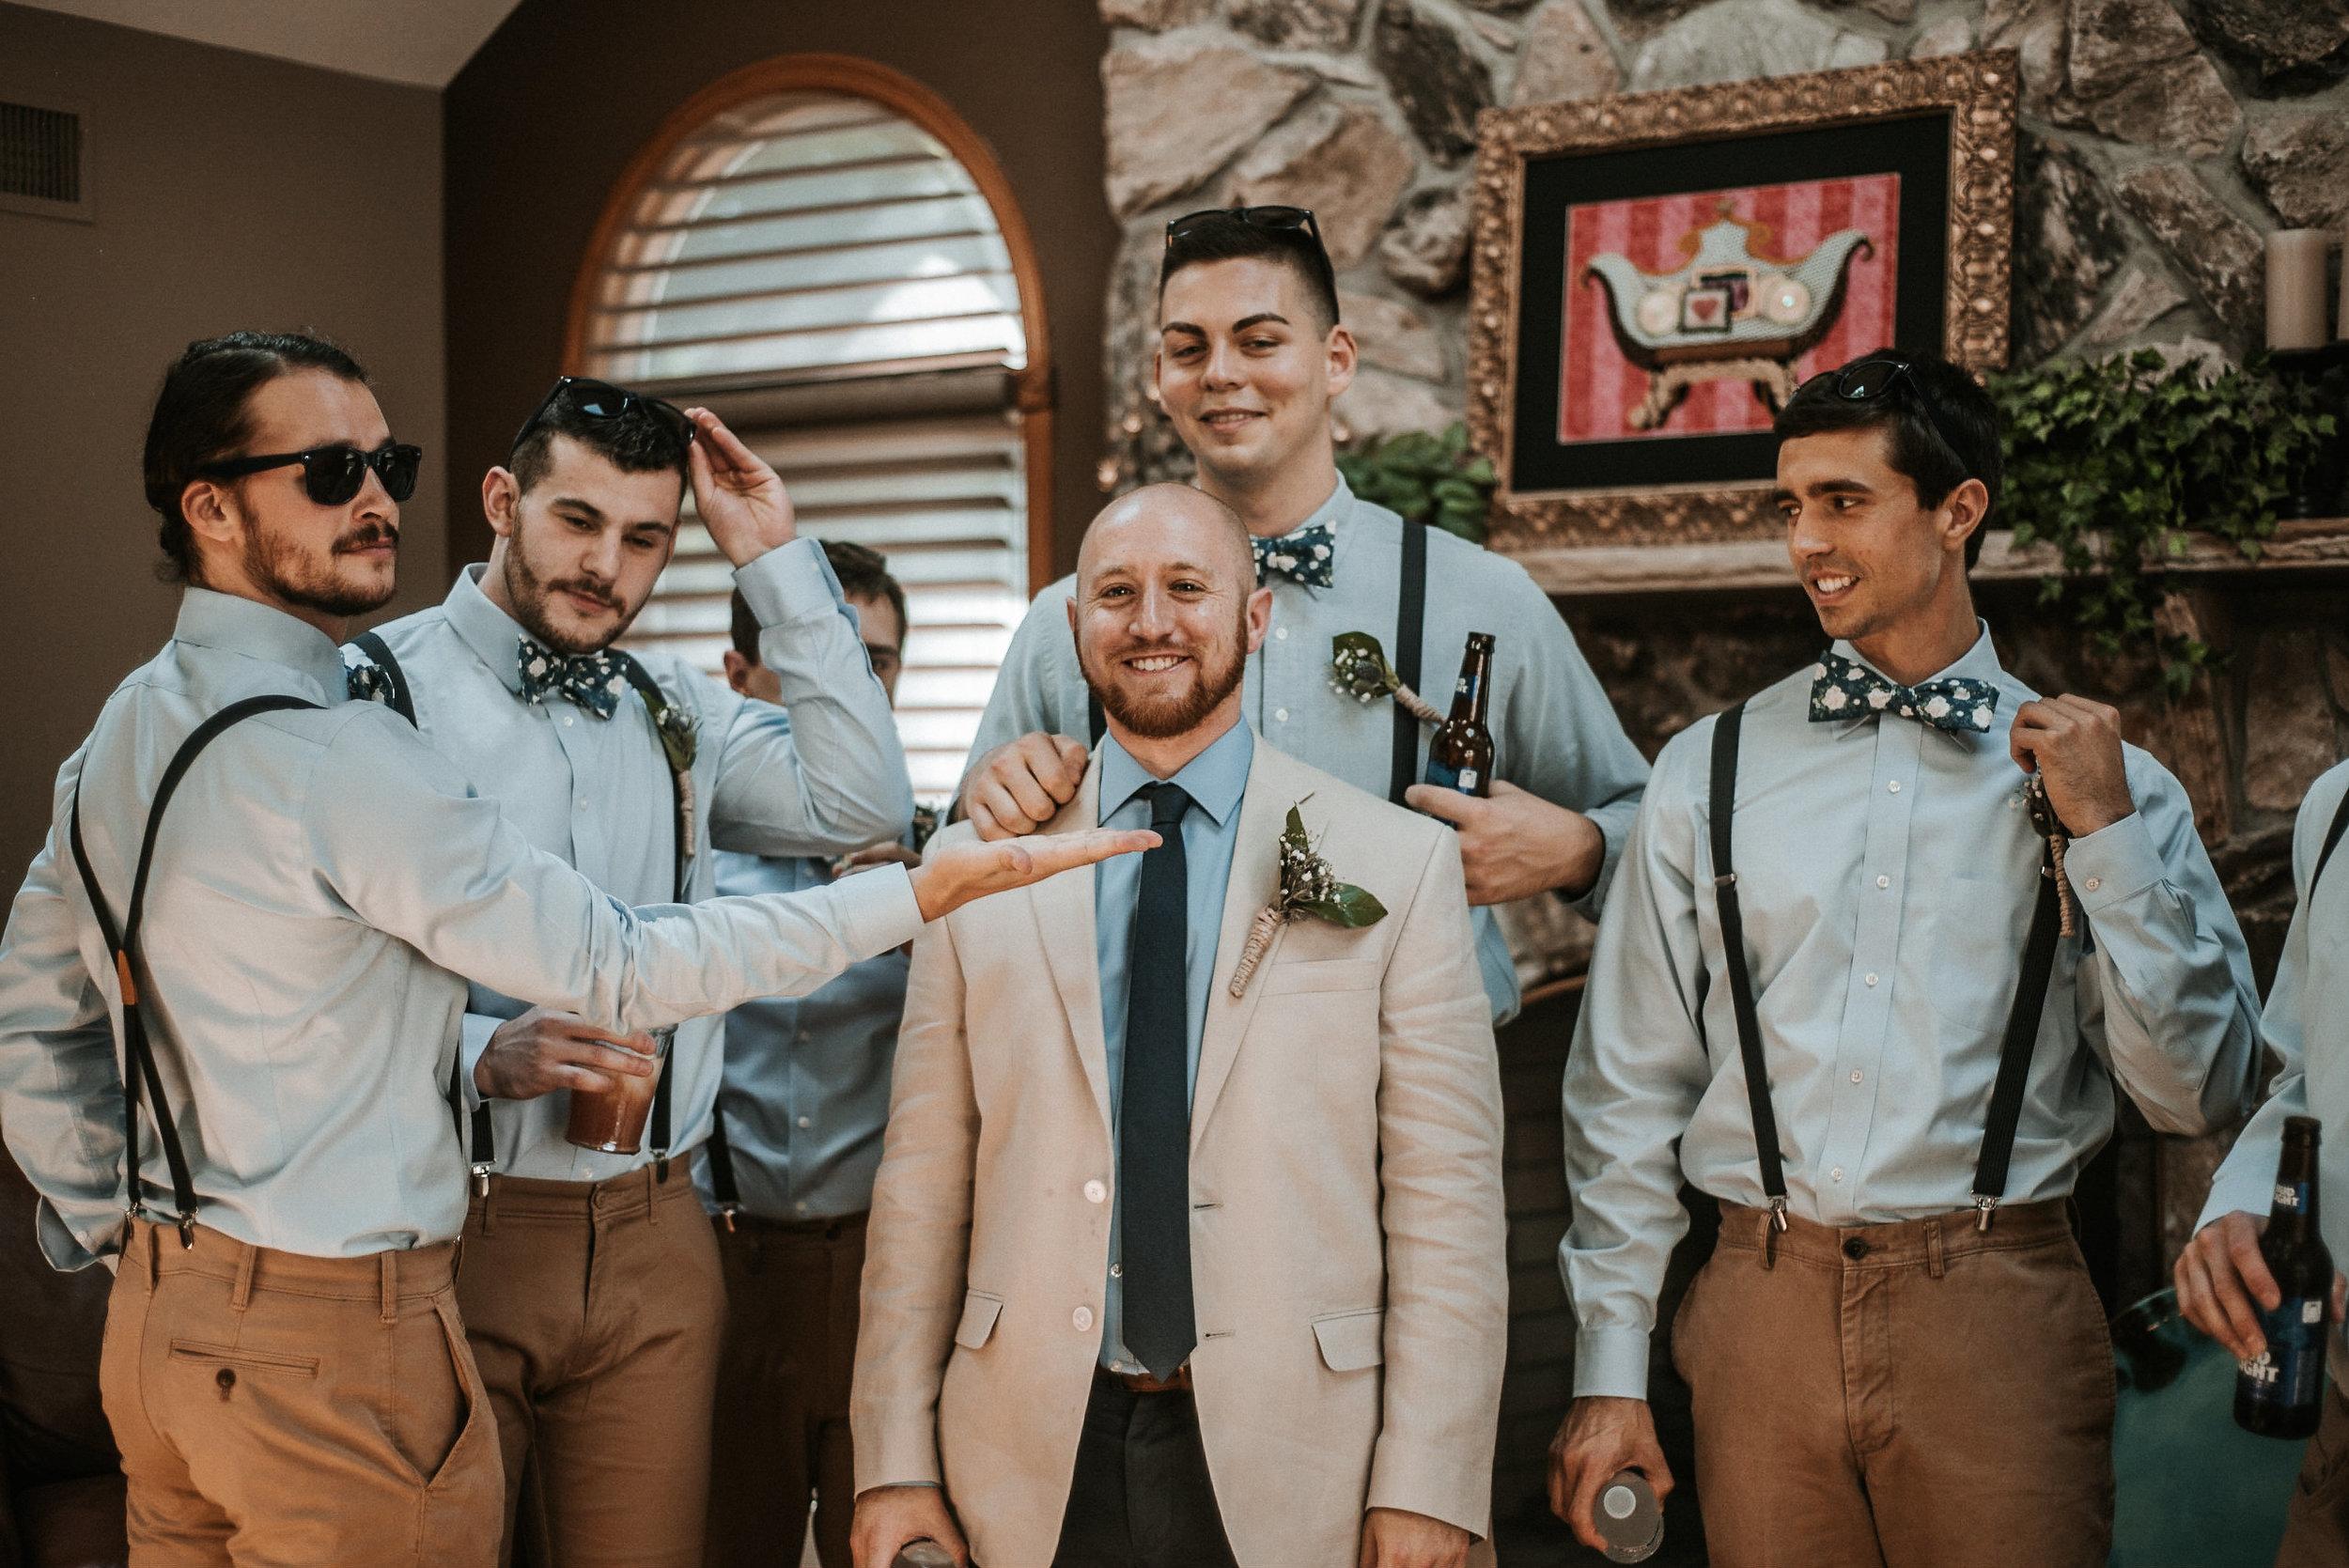 Groom and groomsmen before wedding